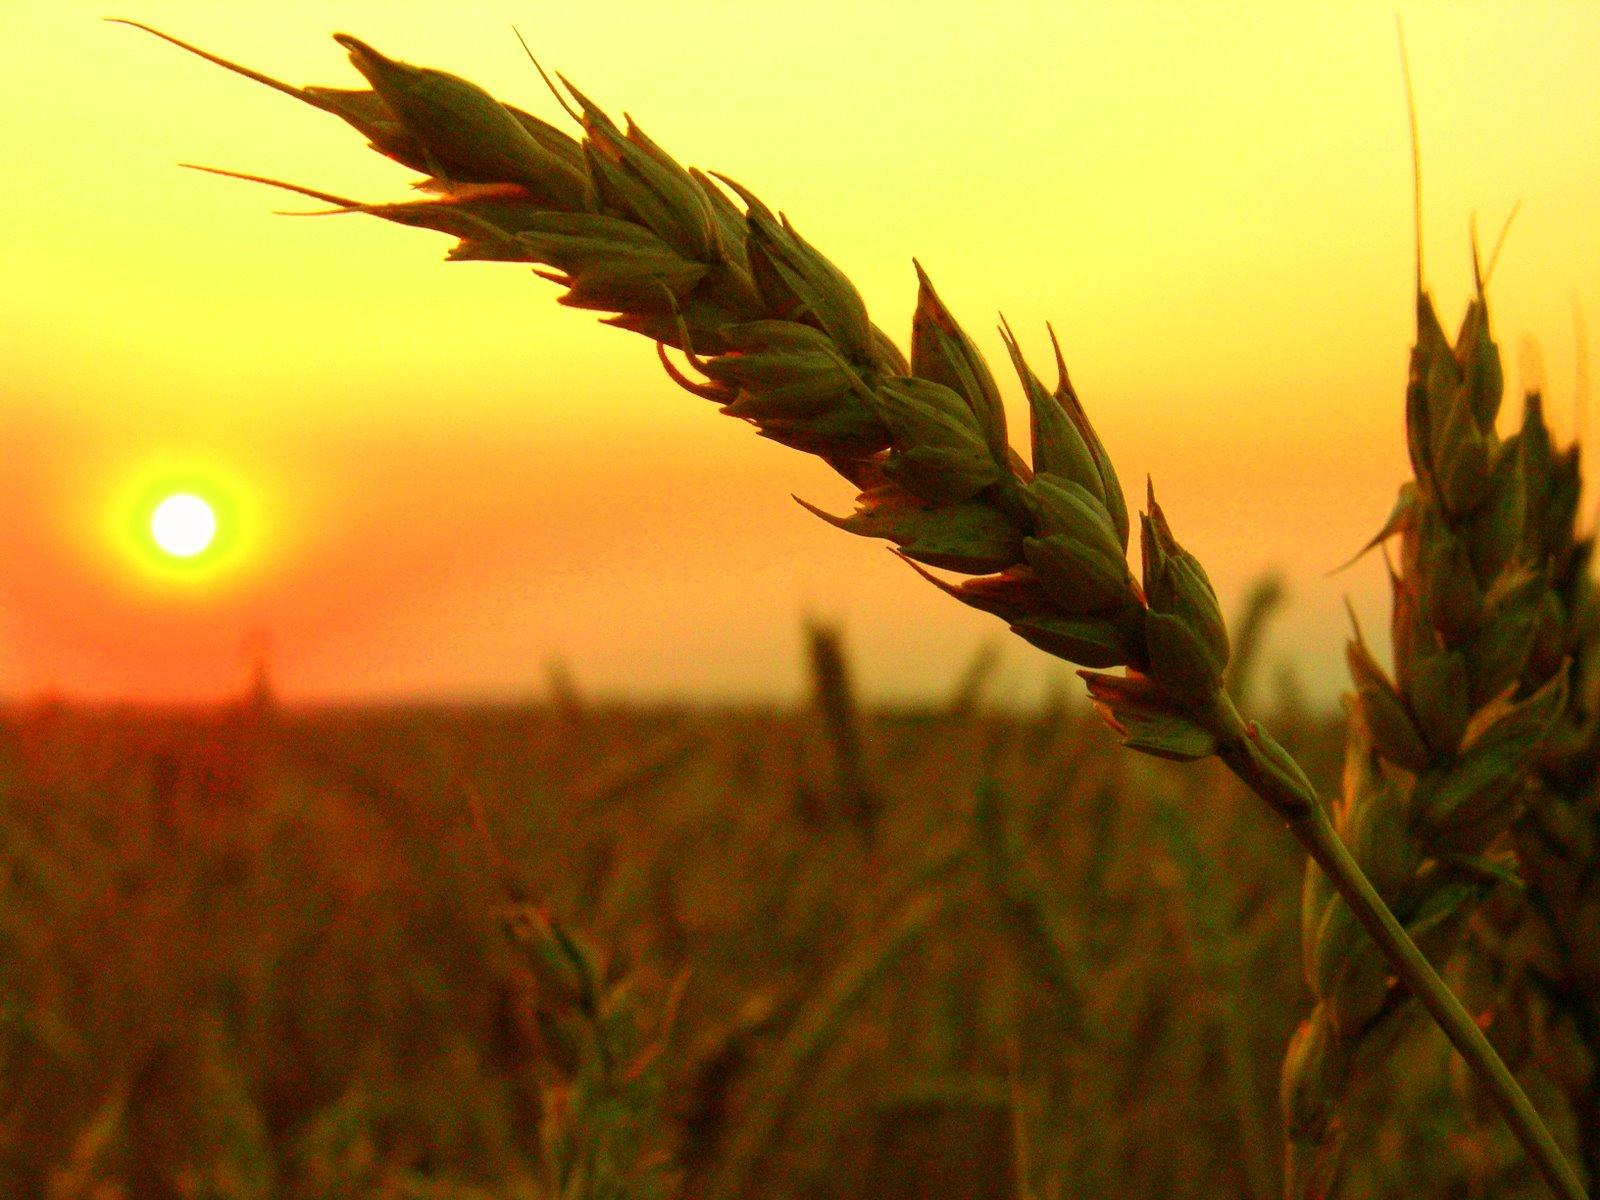 wheat-field-harvest-sunset